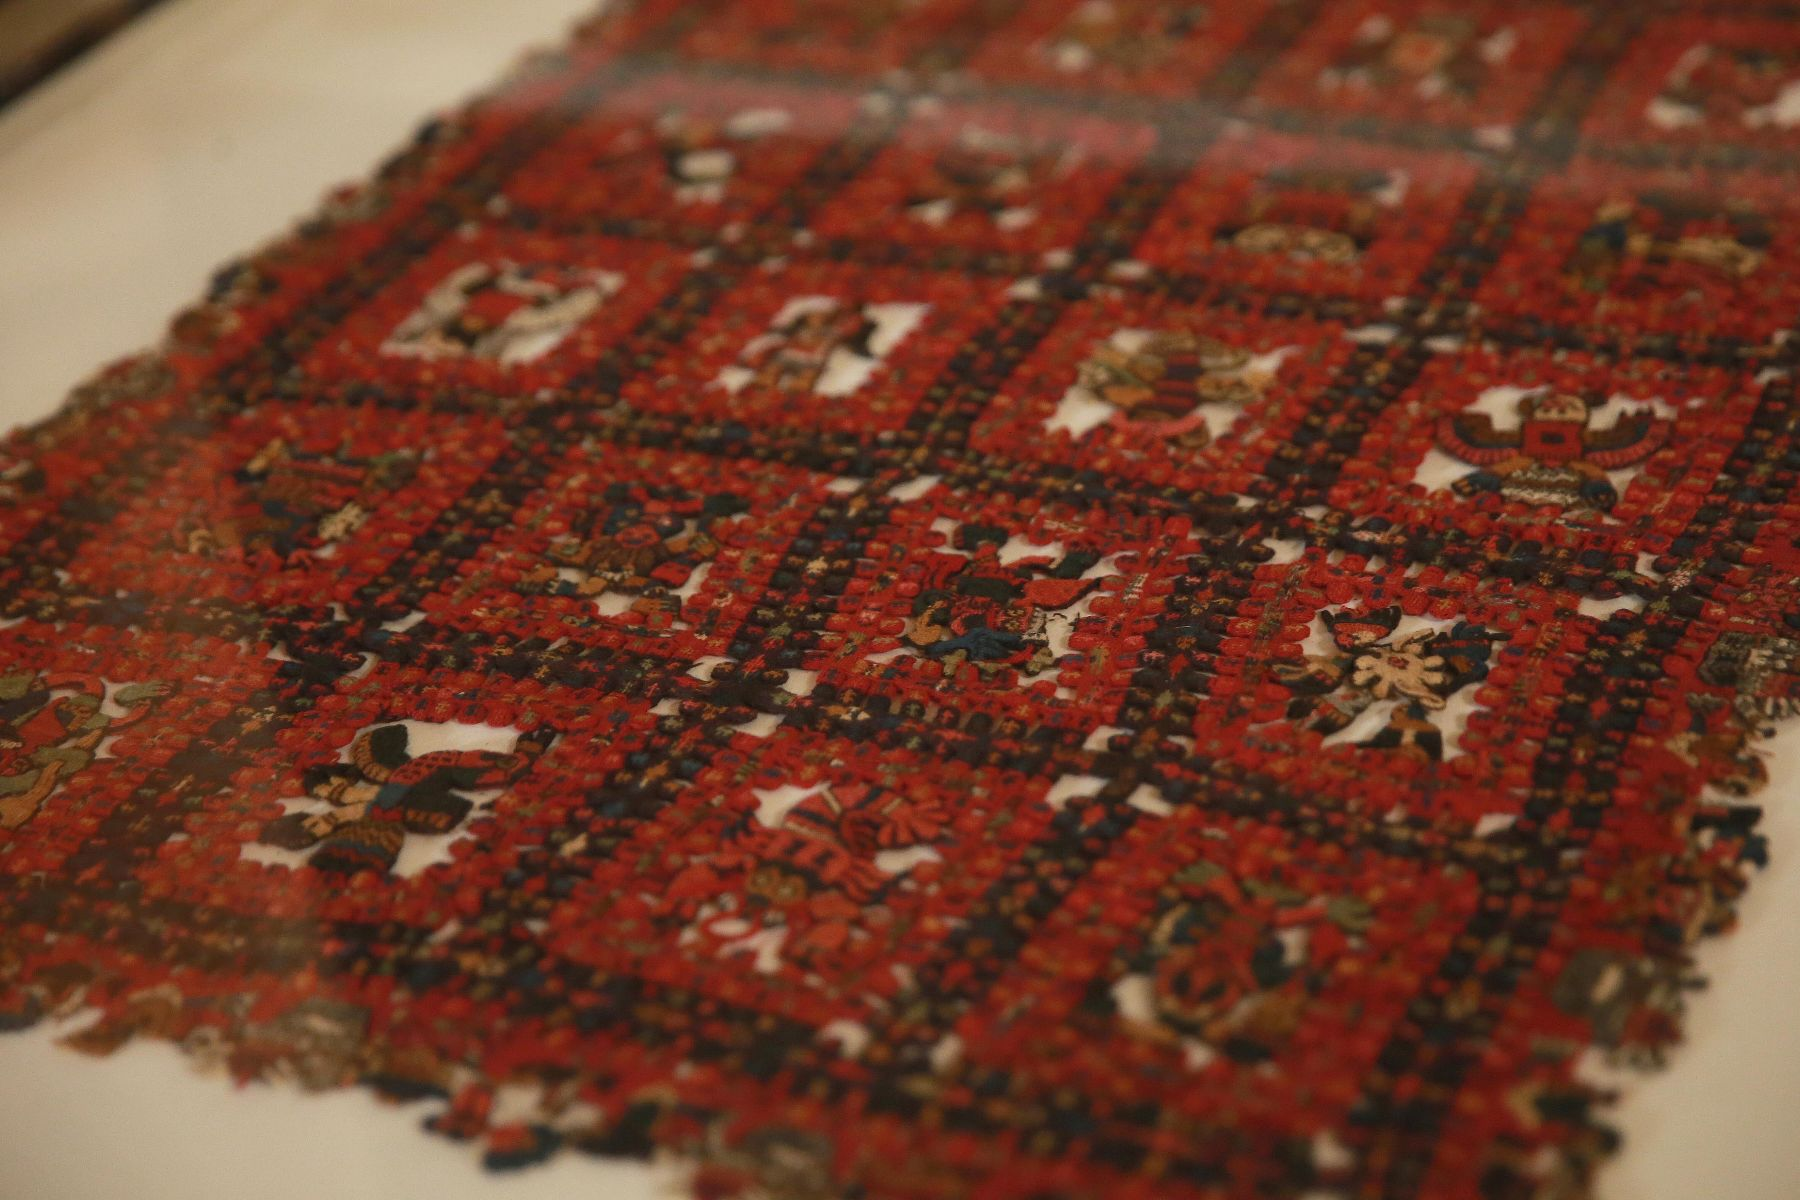 LIMA,PERU JUNIO 18.  Jefe de Estado participó en la recepción de la colección de mantos y textiles de la Cultura Paracas que se exhibían en el Museo Municipal de Gotemburgo (Suecia).  Foto: ANDINA/Prensa Presidencia